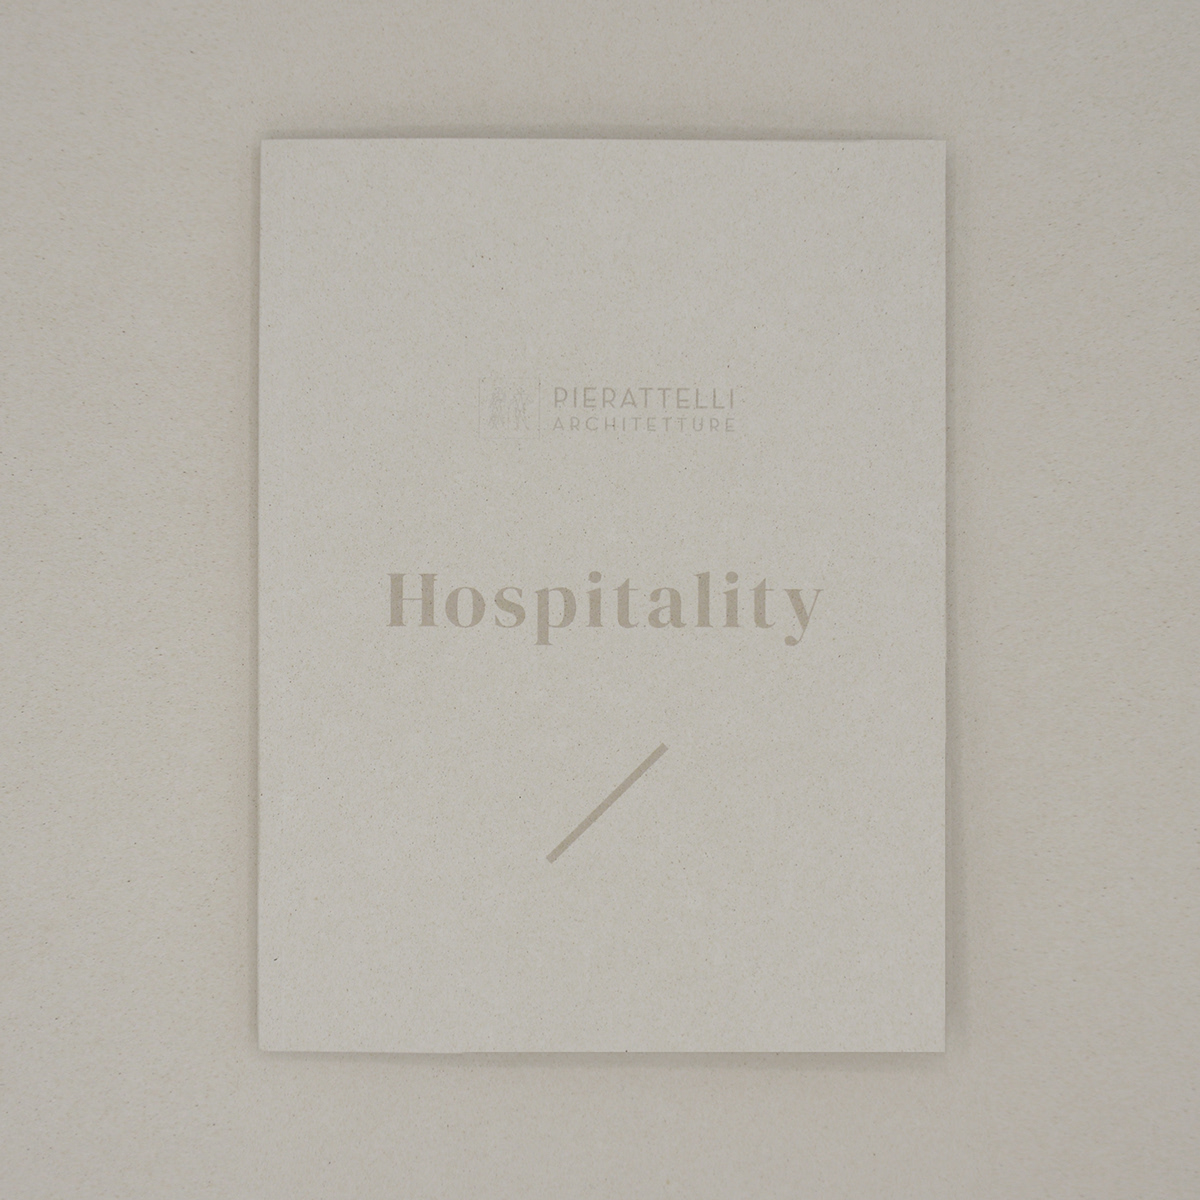 architecture design ecofriendly editorial graphic design  Hospitality impaginazione interior design  product design  residences